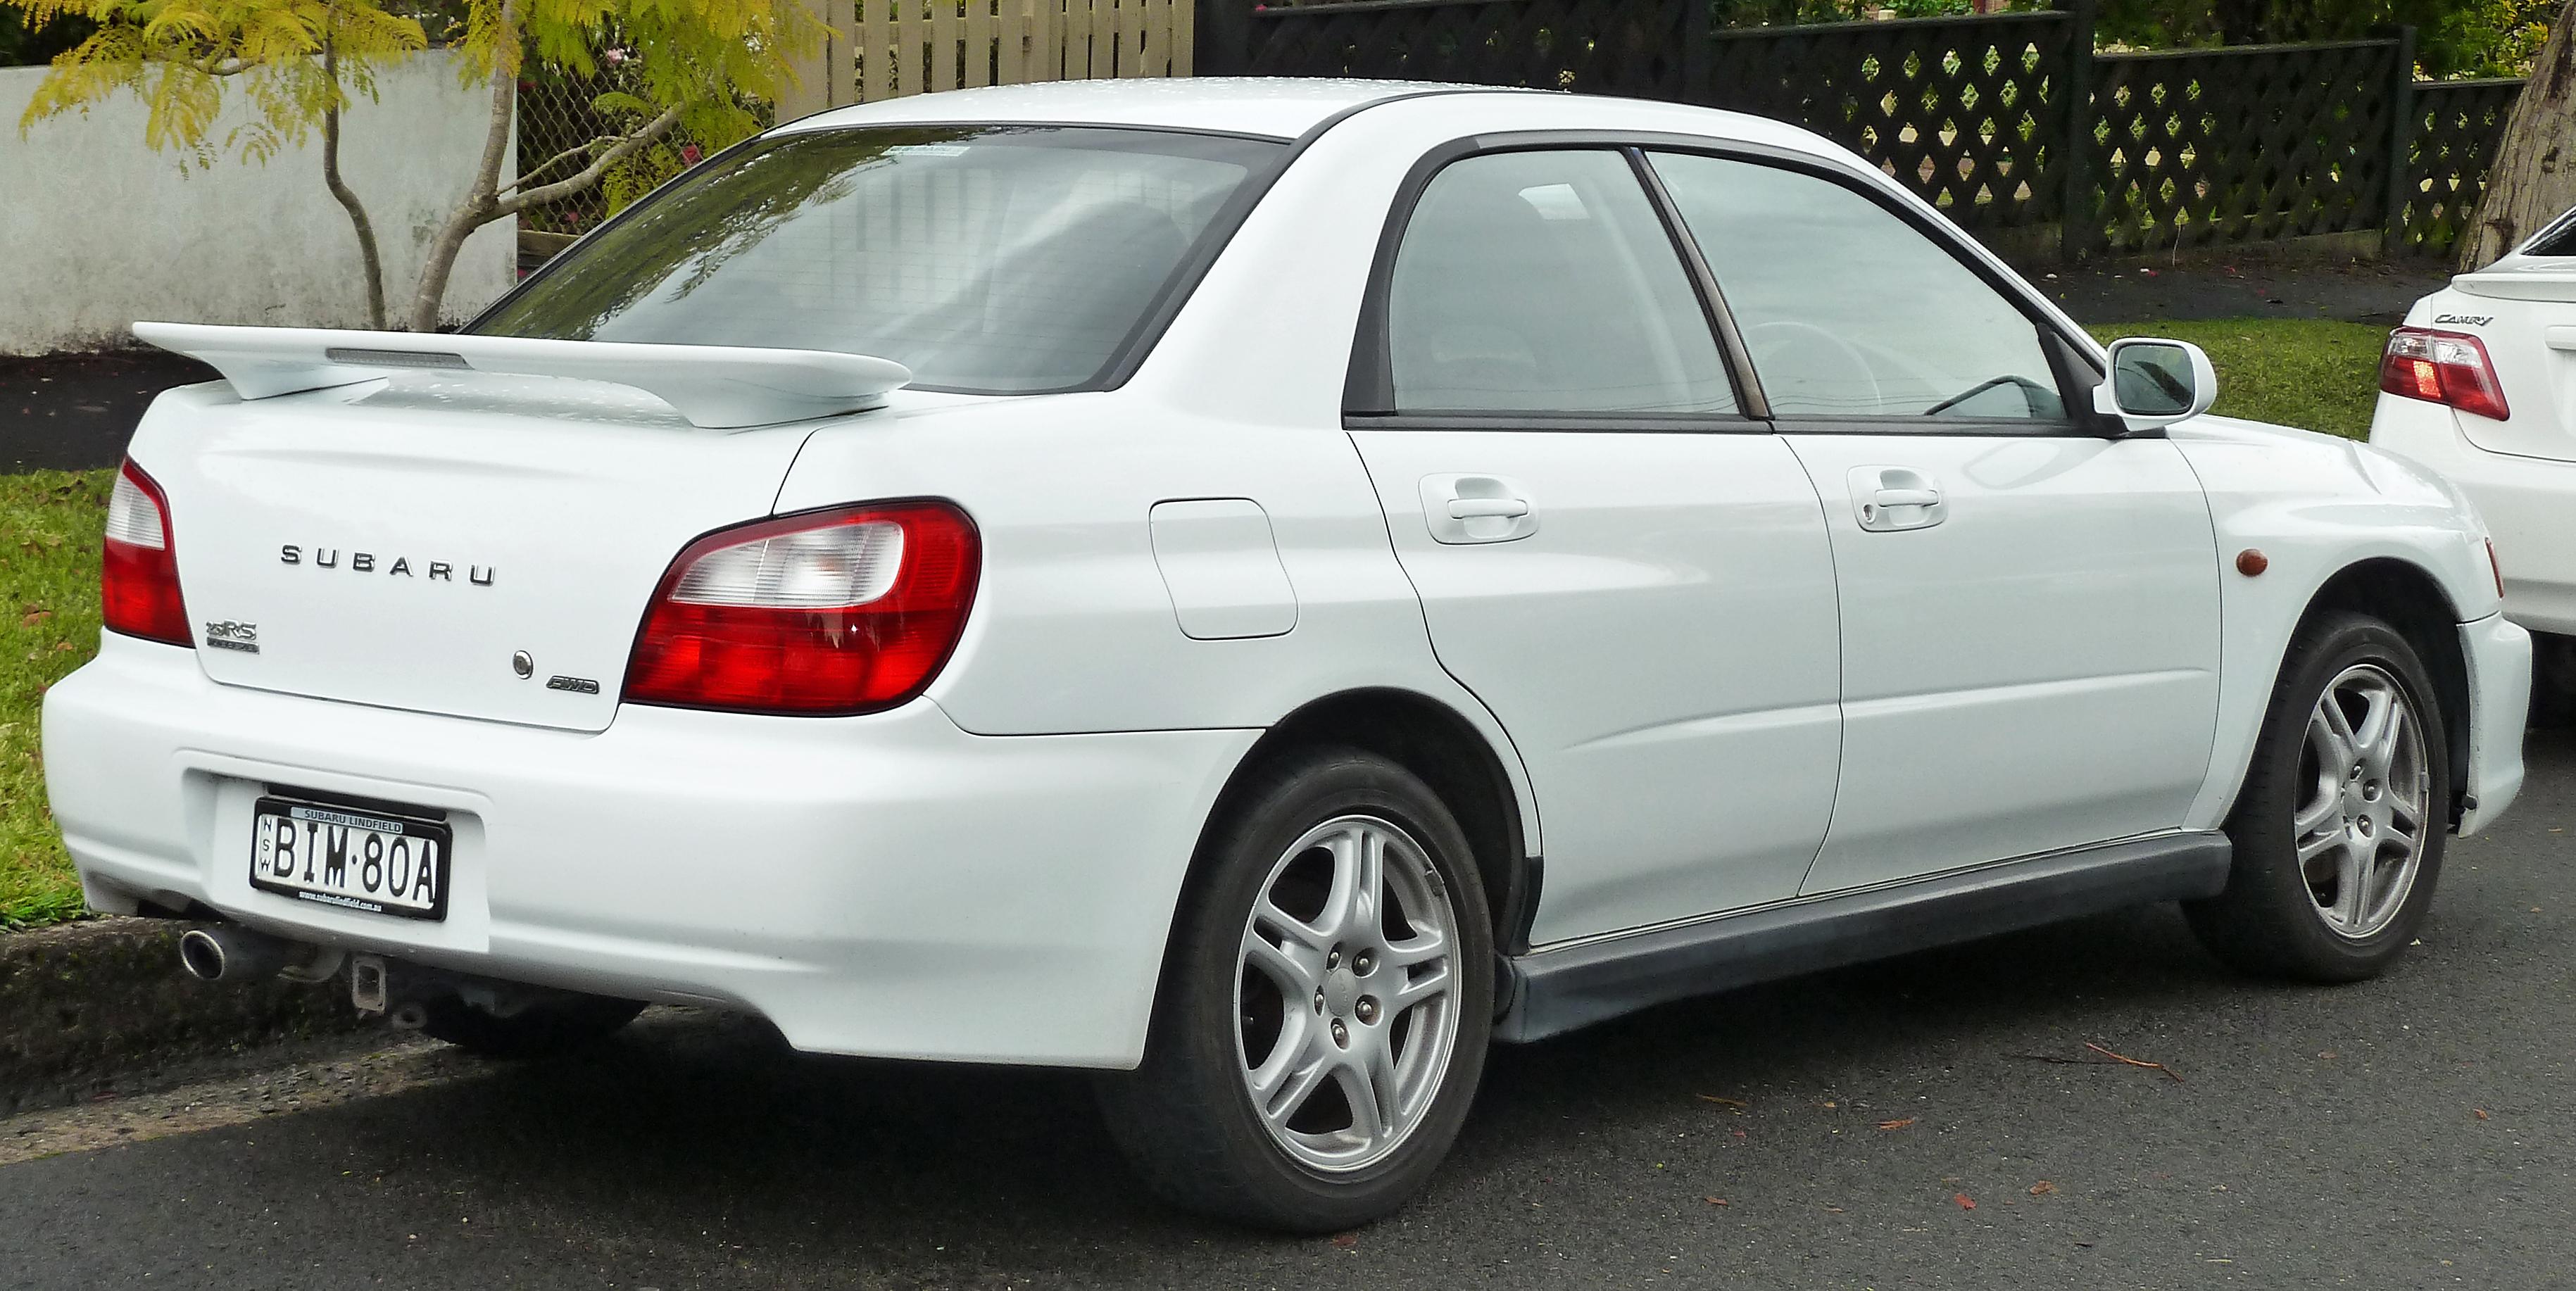 file:2001-2002 subaru impreza (gde my02) rs sedan (2011-06-15) 02